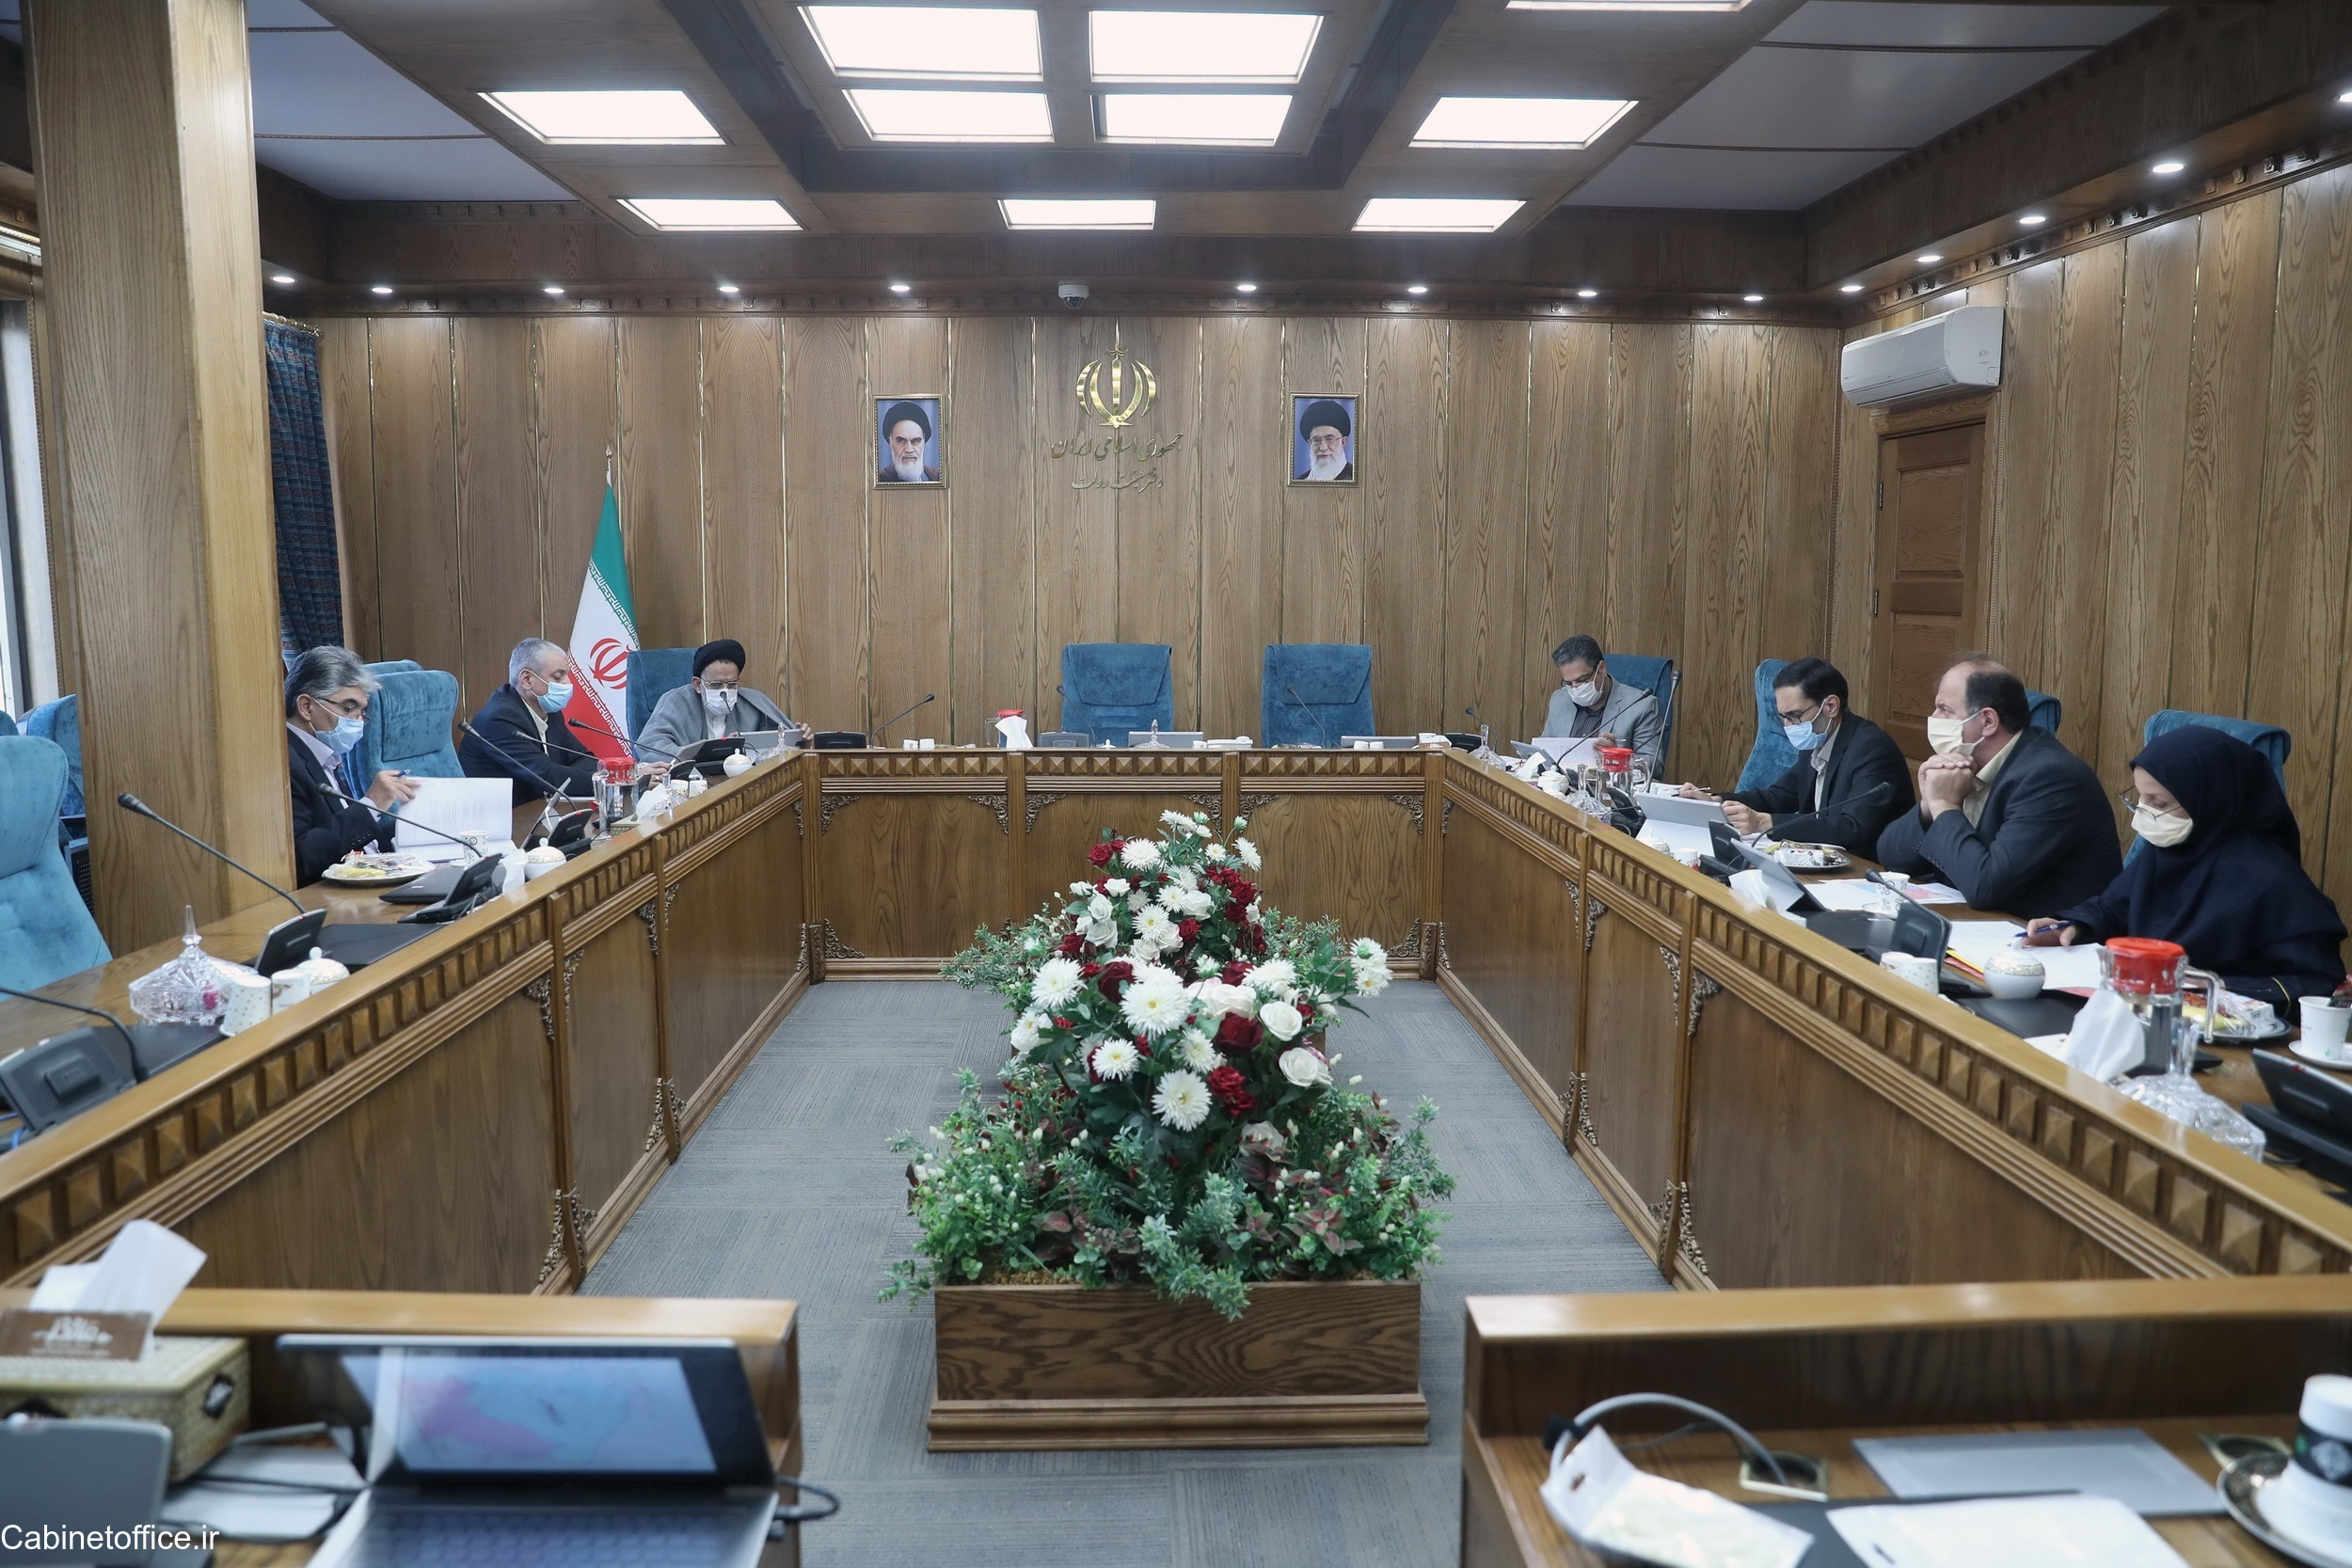 جلسه اصلی کمیسیون سیاسی و دفاعی در تاریخ ۸ مرداد ۱۳۹۹